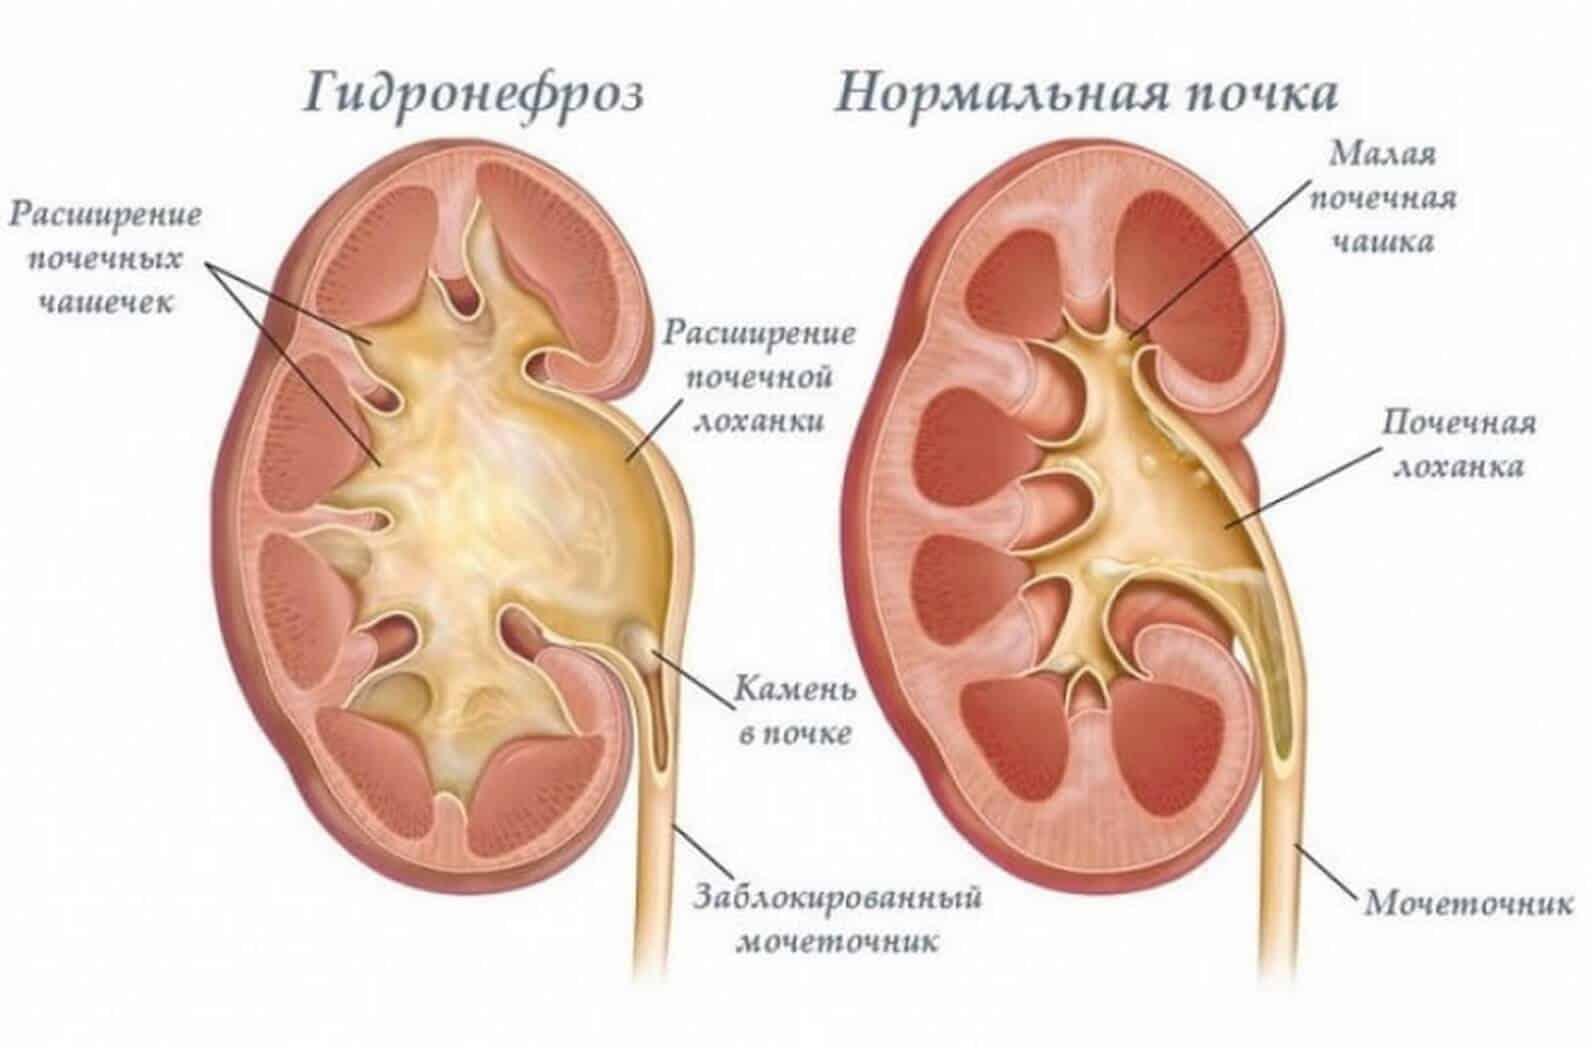 Закупоривание мочеточника камнем приводит к растяжению почечных чашечек и лоханки